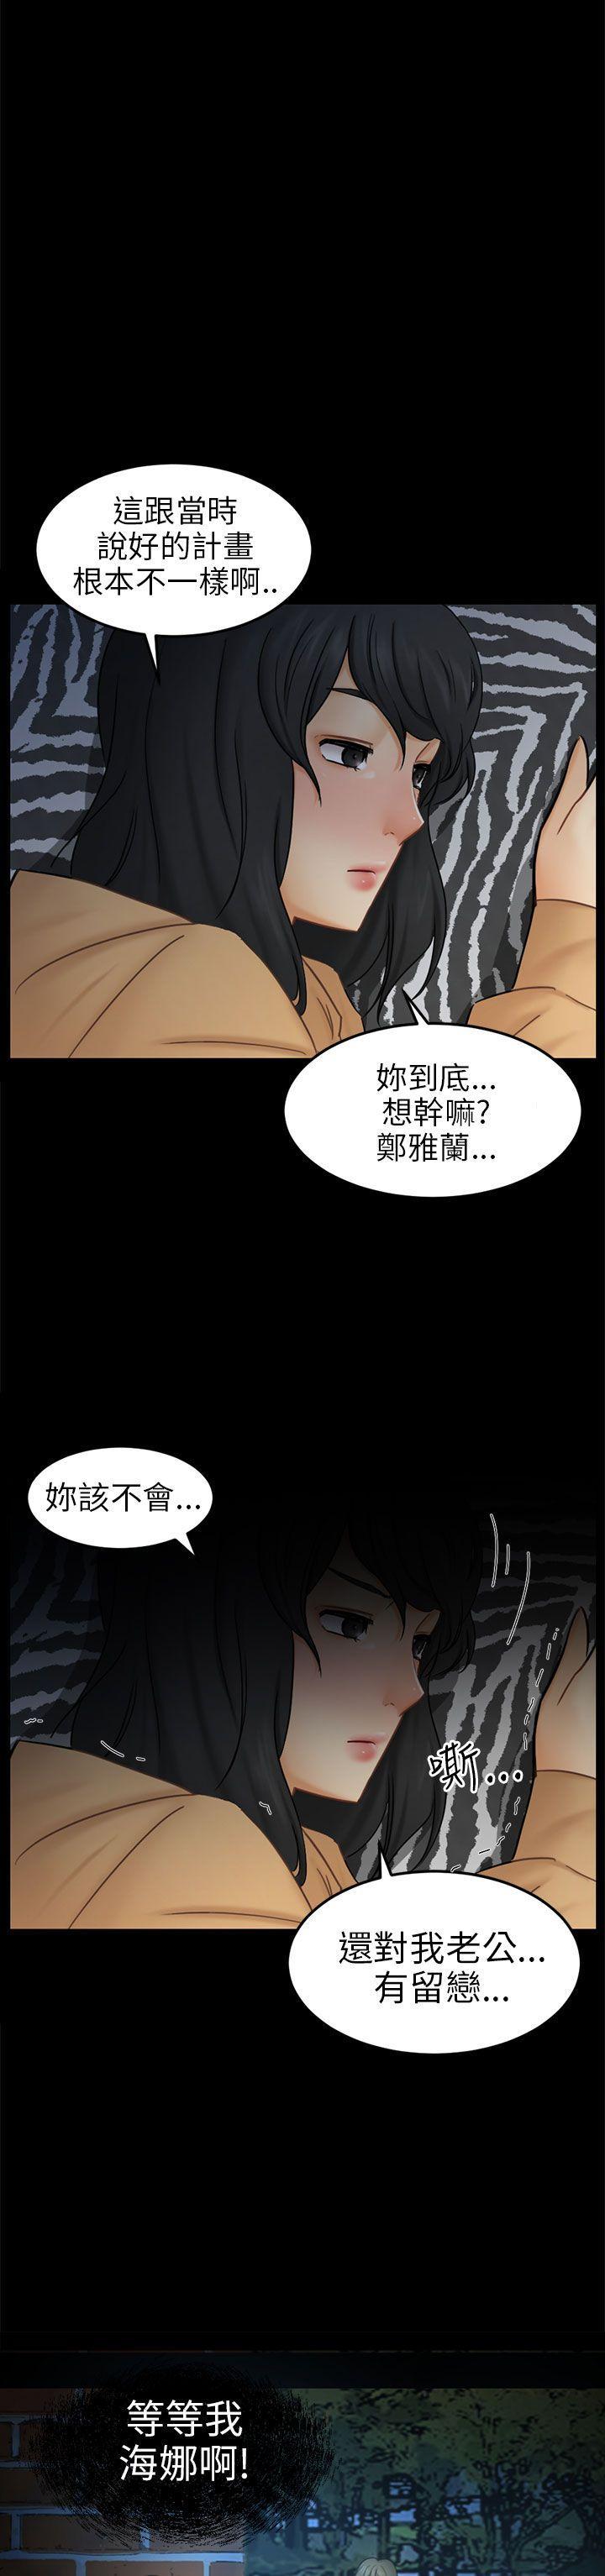 騙局-第11話 不安全彩韩漫标签